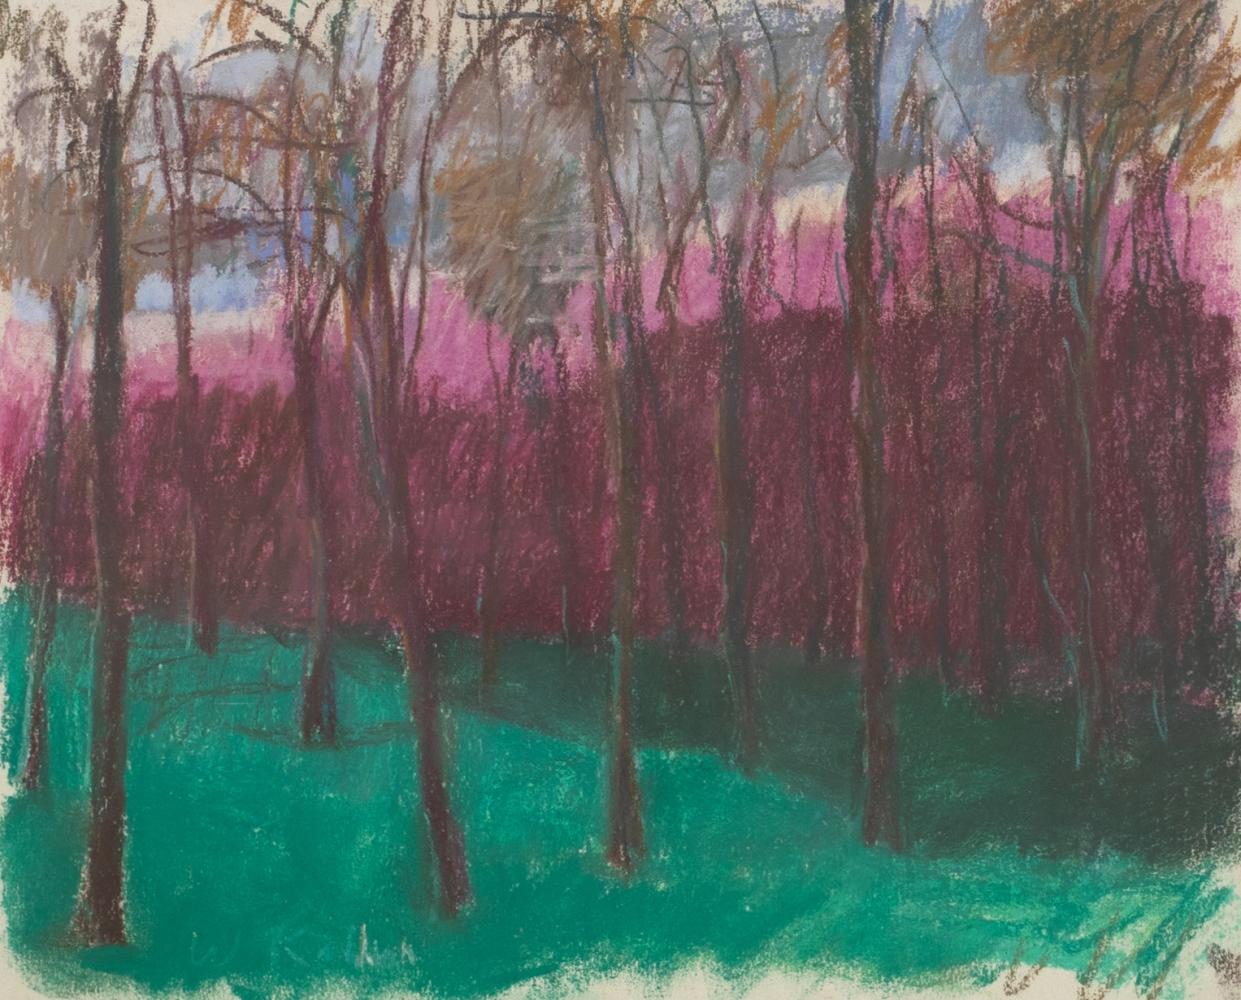 Wolf Kahn, Eucalyptus Grove in the Evening, Pastel on paper, 11 x 14 inches, Wolf Kahn Pastels, Wolf Kahn Pastels for sale, Wolf Kahn trees